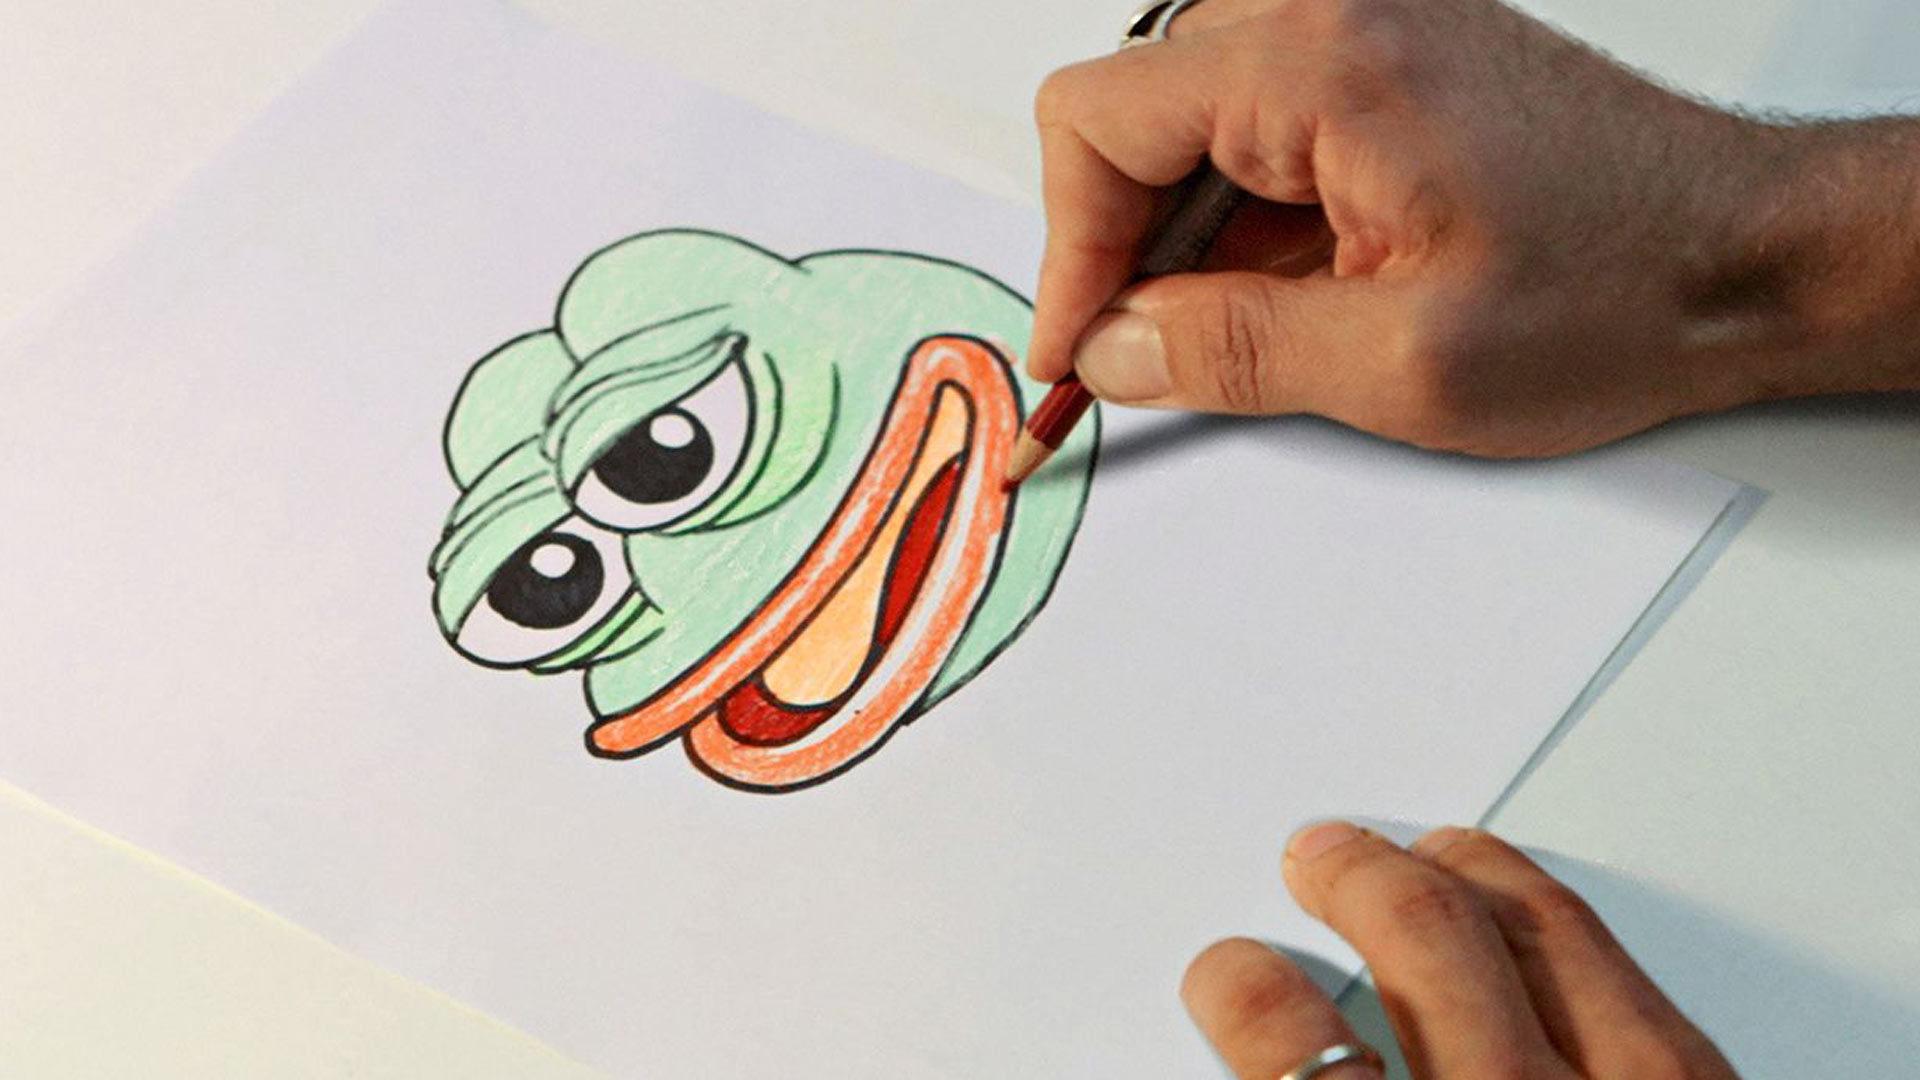 Feels Good Man, kuvassasammakko Pepe.